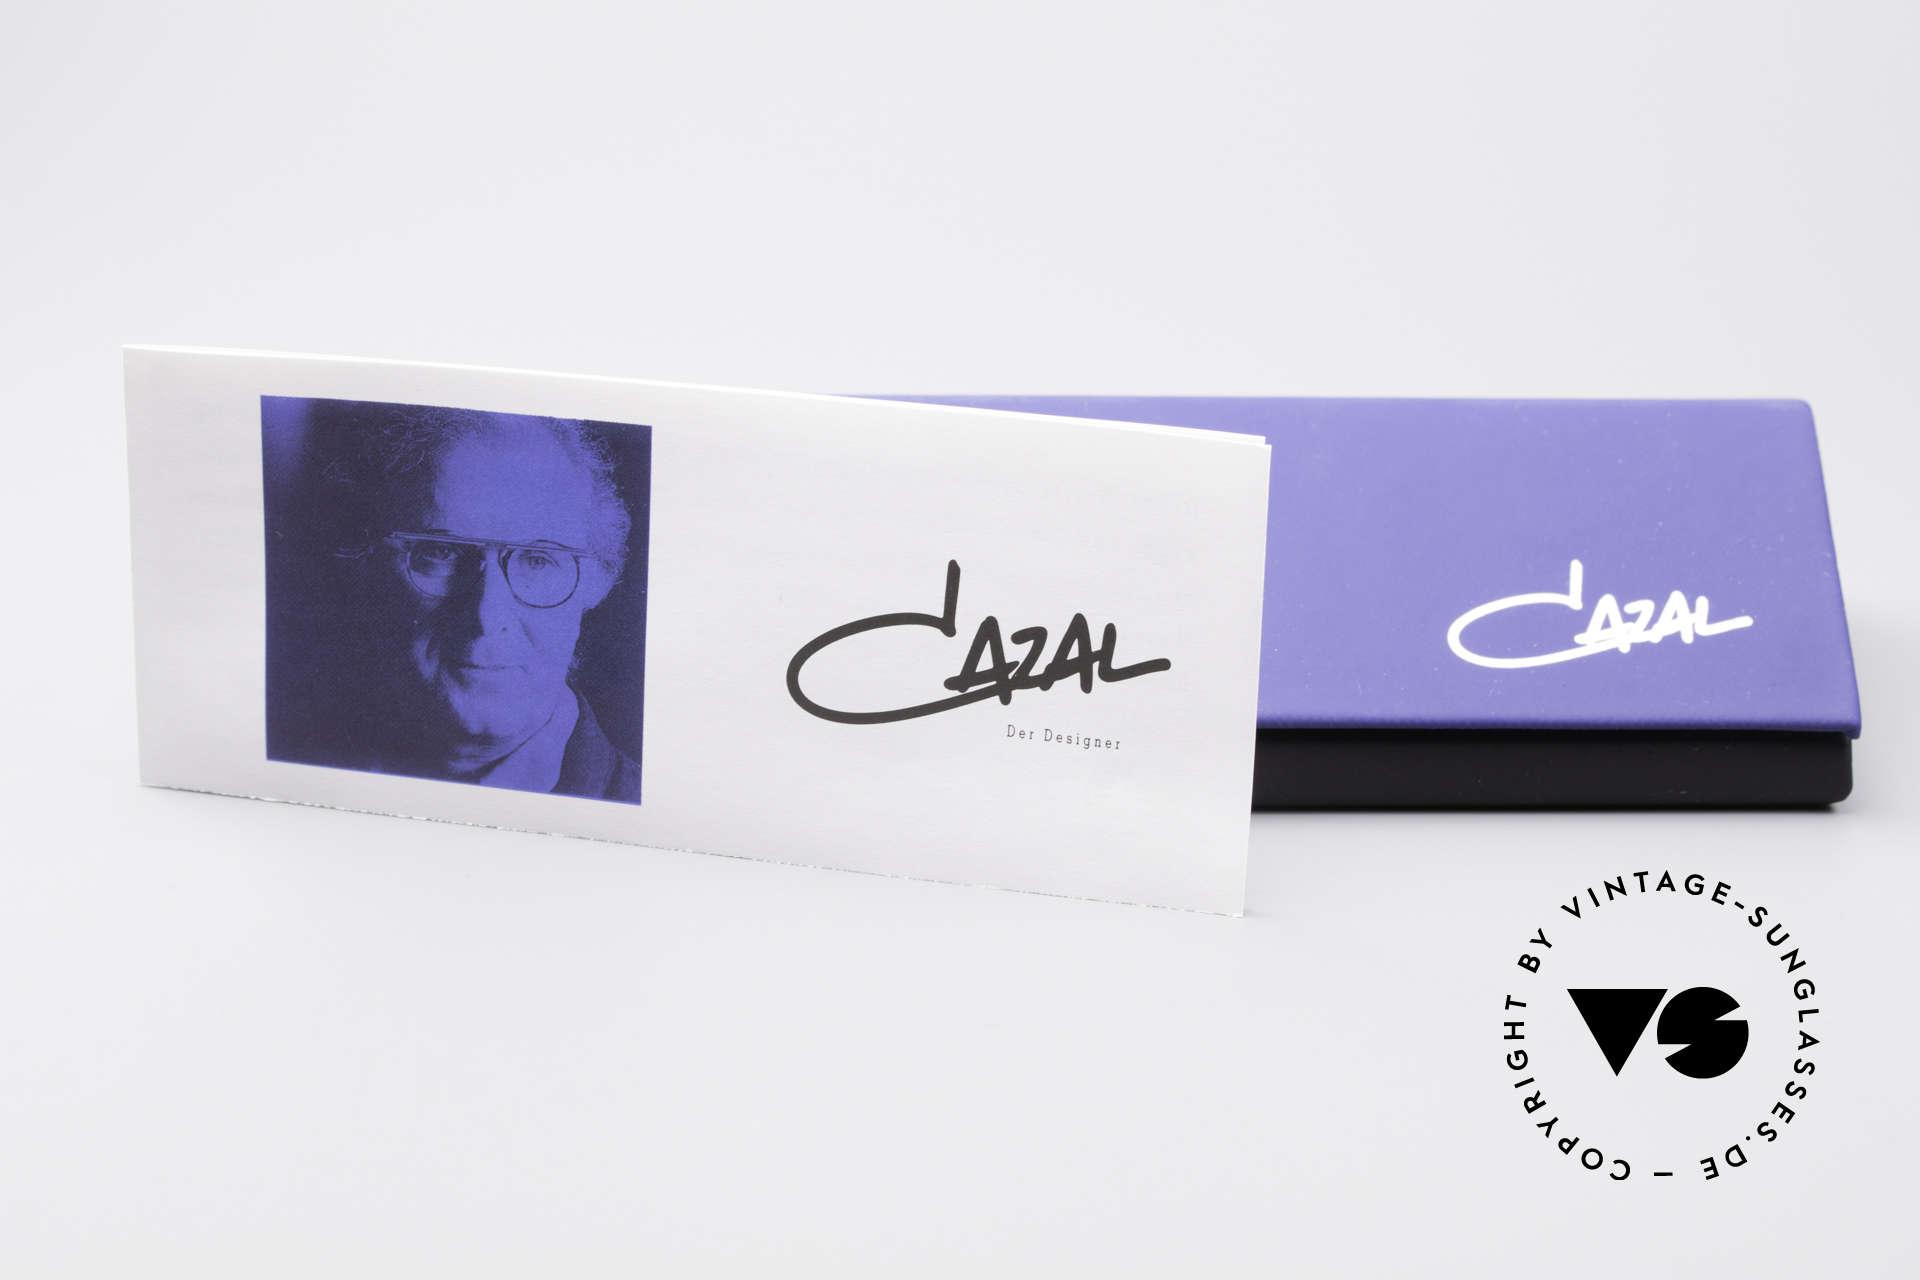 Cazal 761 Vintage Brille KEINE Retrobrille, Fassung geeignet für optische (Sonnen)-Gläser, Passend für Herren und Damen